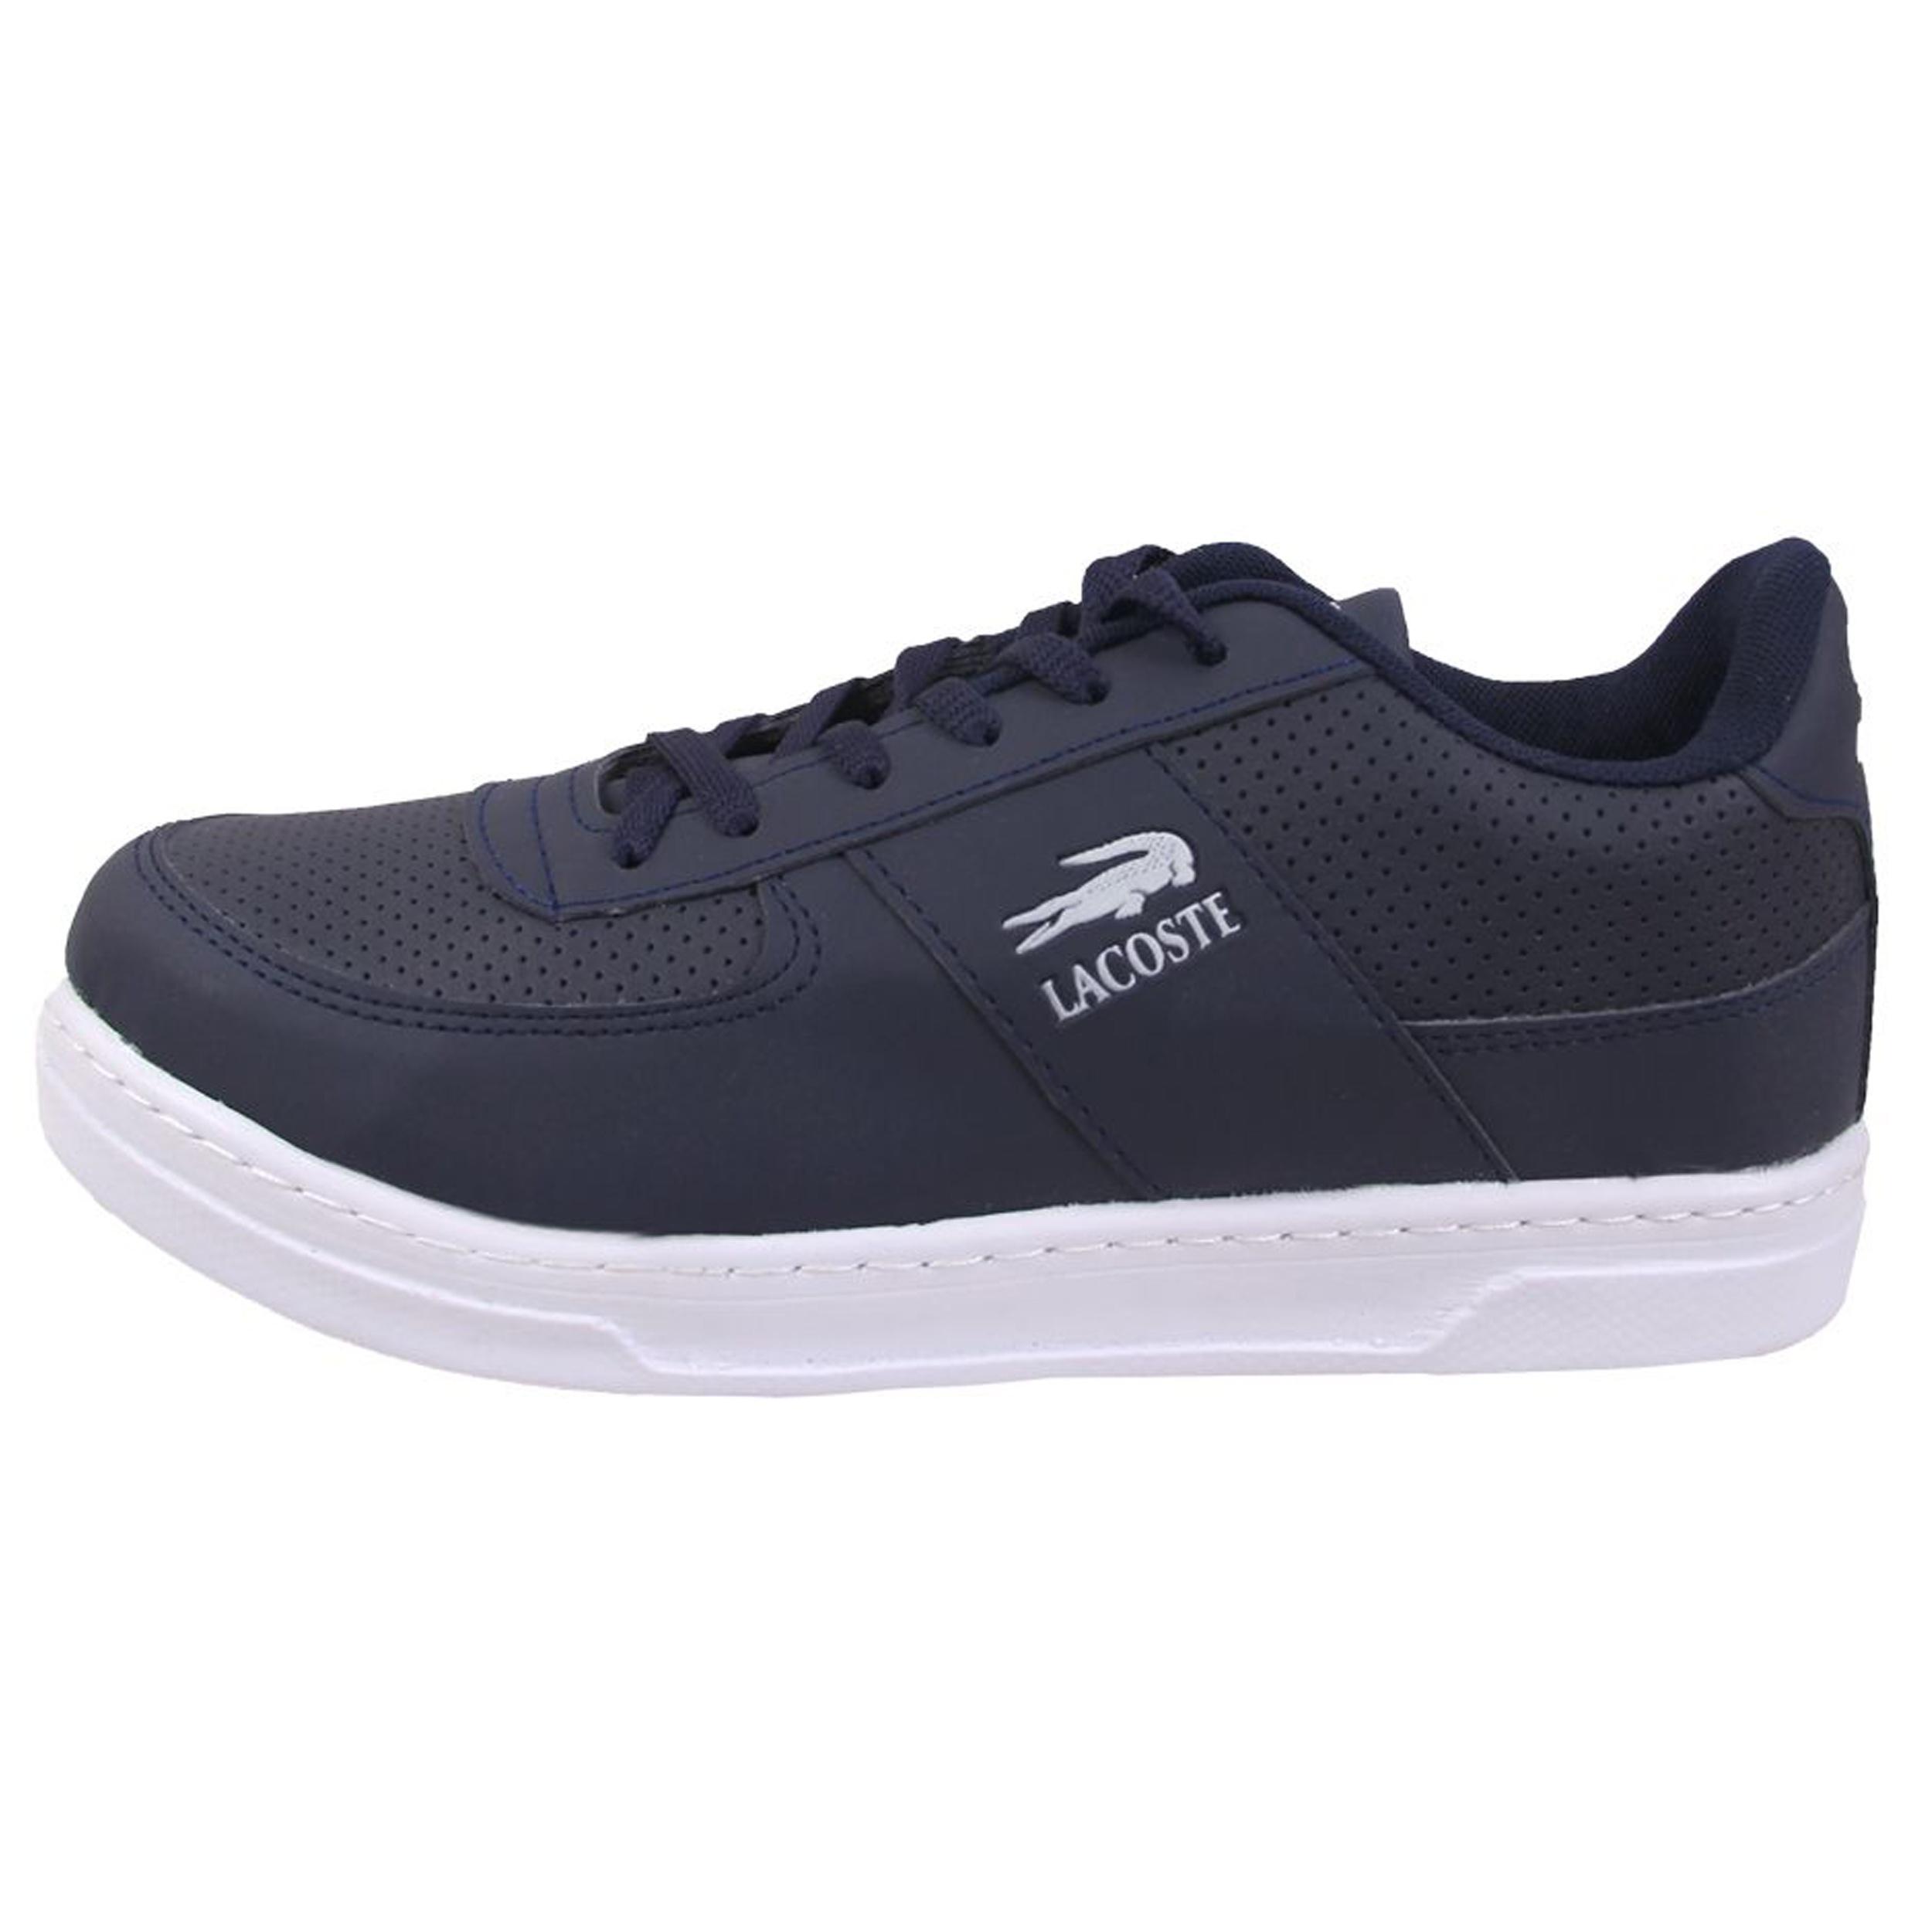 خرید                      کفش  پیاده روی مردانه کد 13-2397280